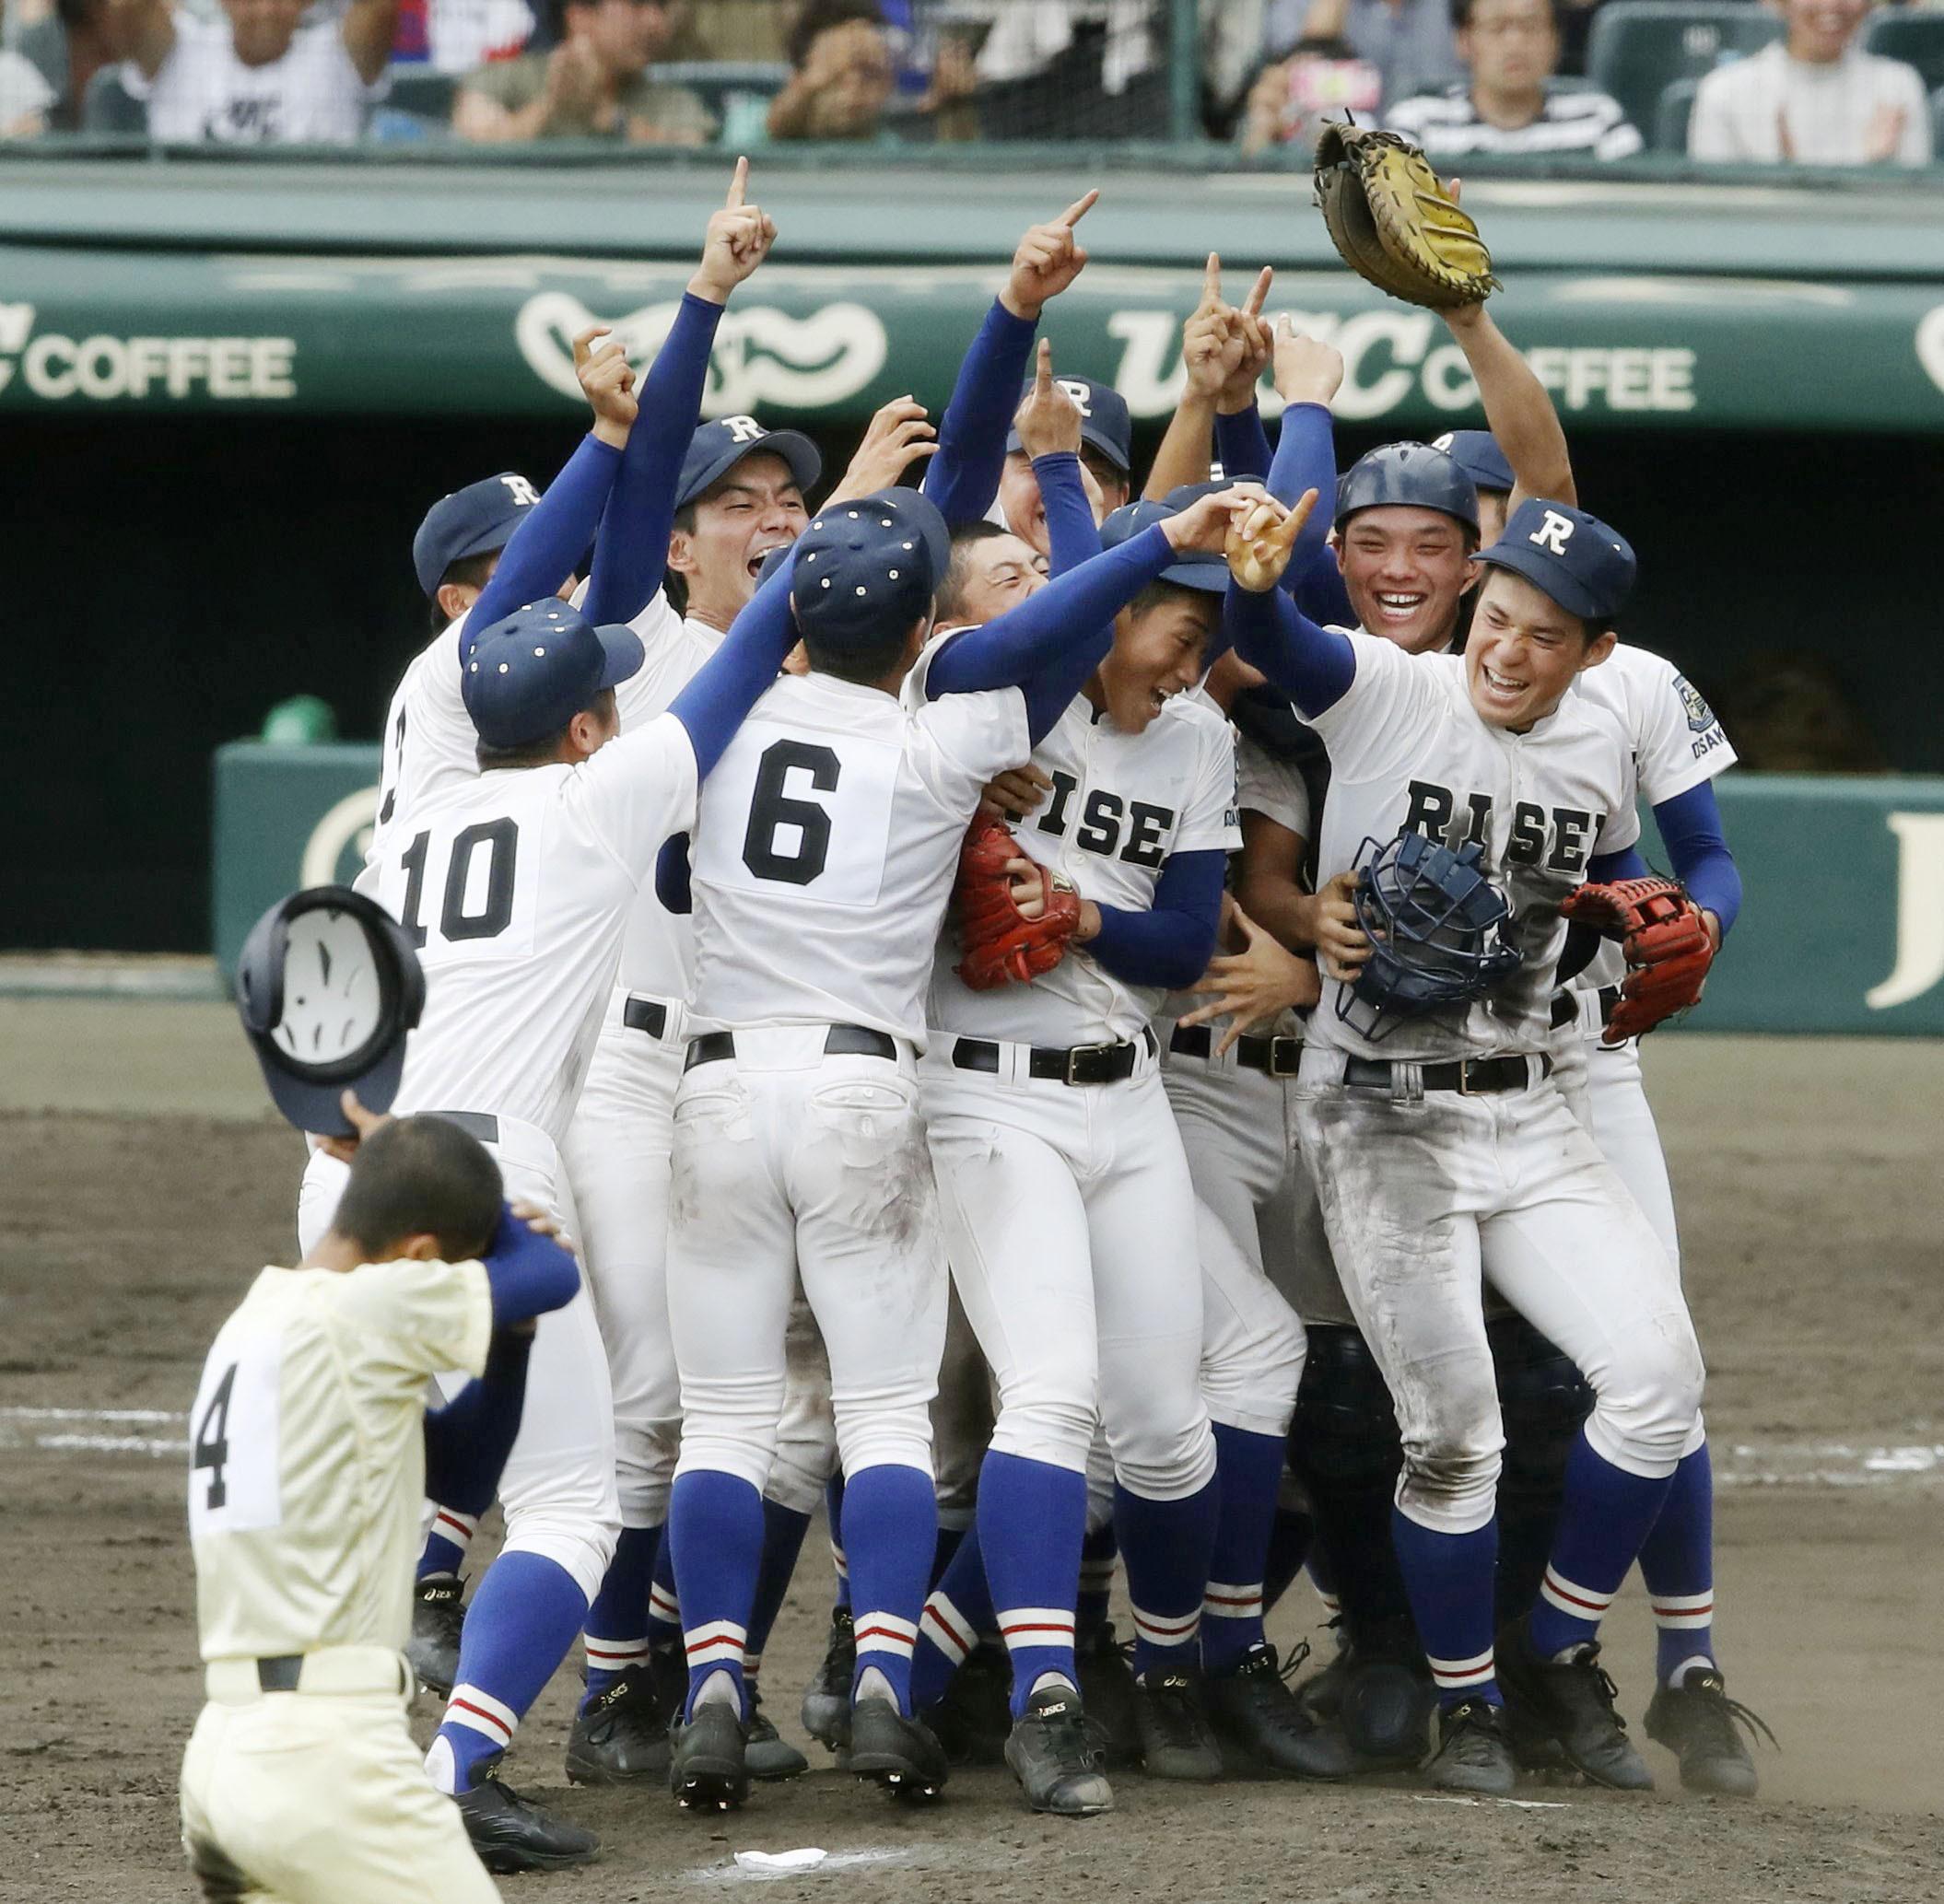 大阪の履正社が初優勝星稜を下して初優勝し、よろこぶ履正社ナイン=甲子園